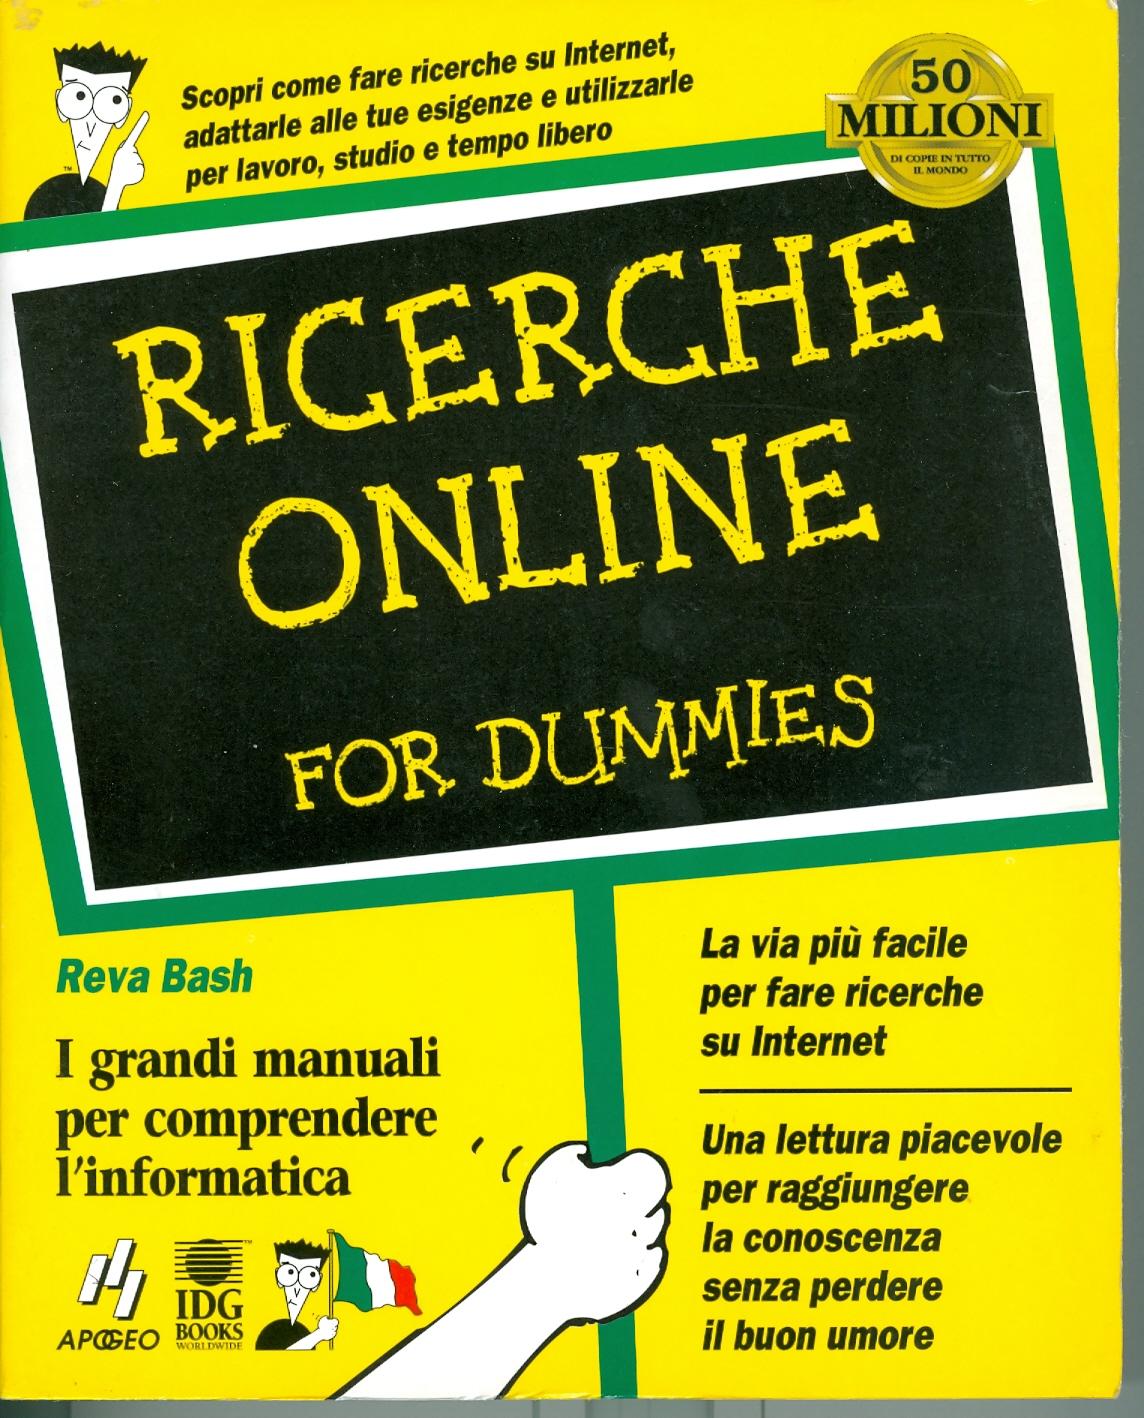 Ricerche online for dummies